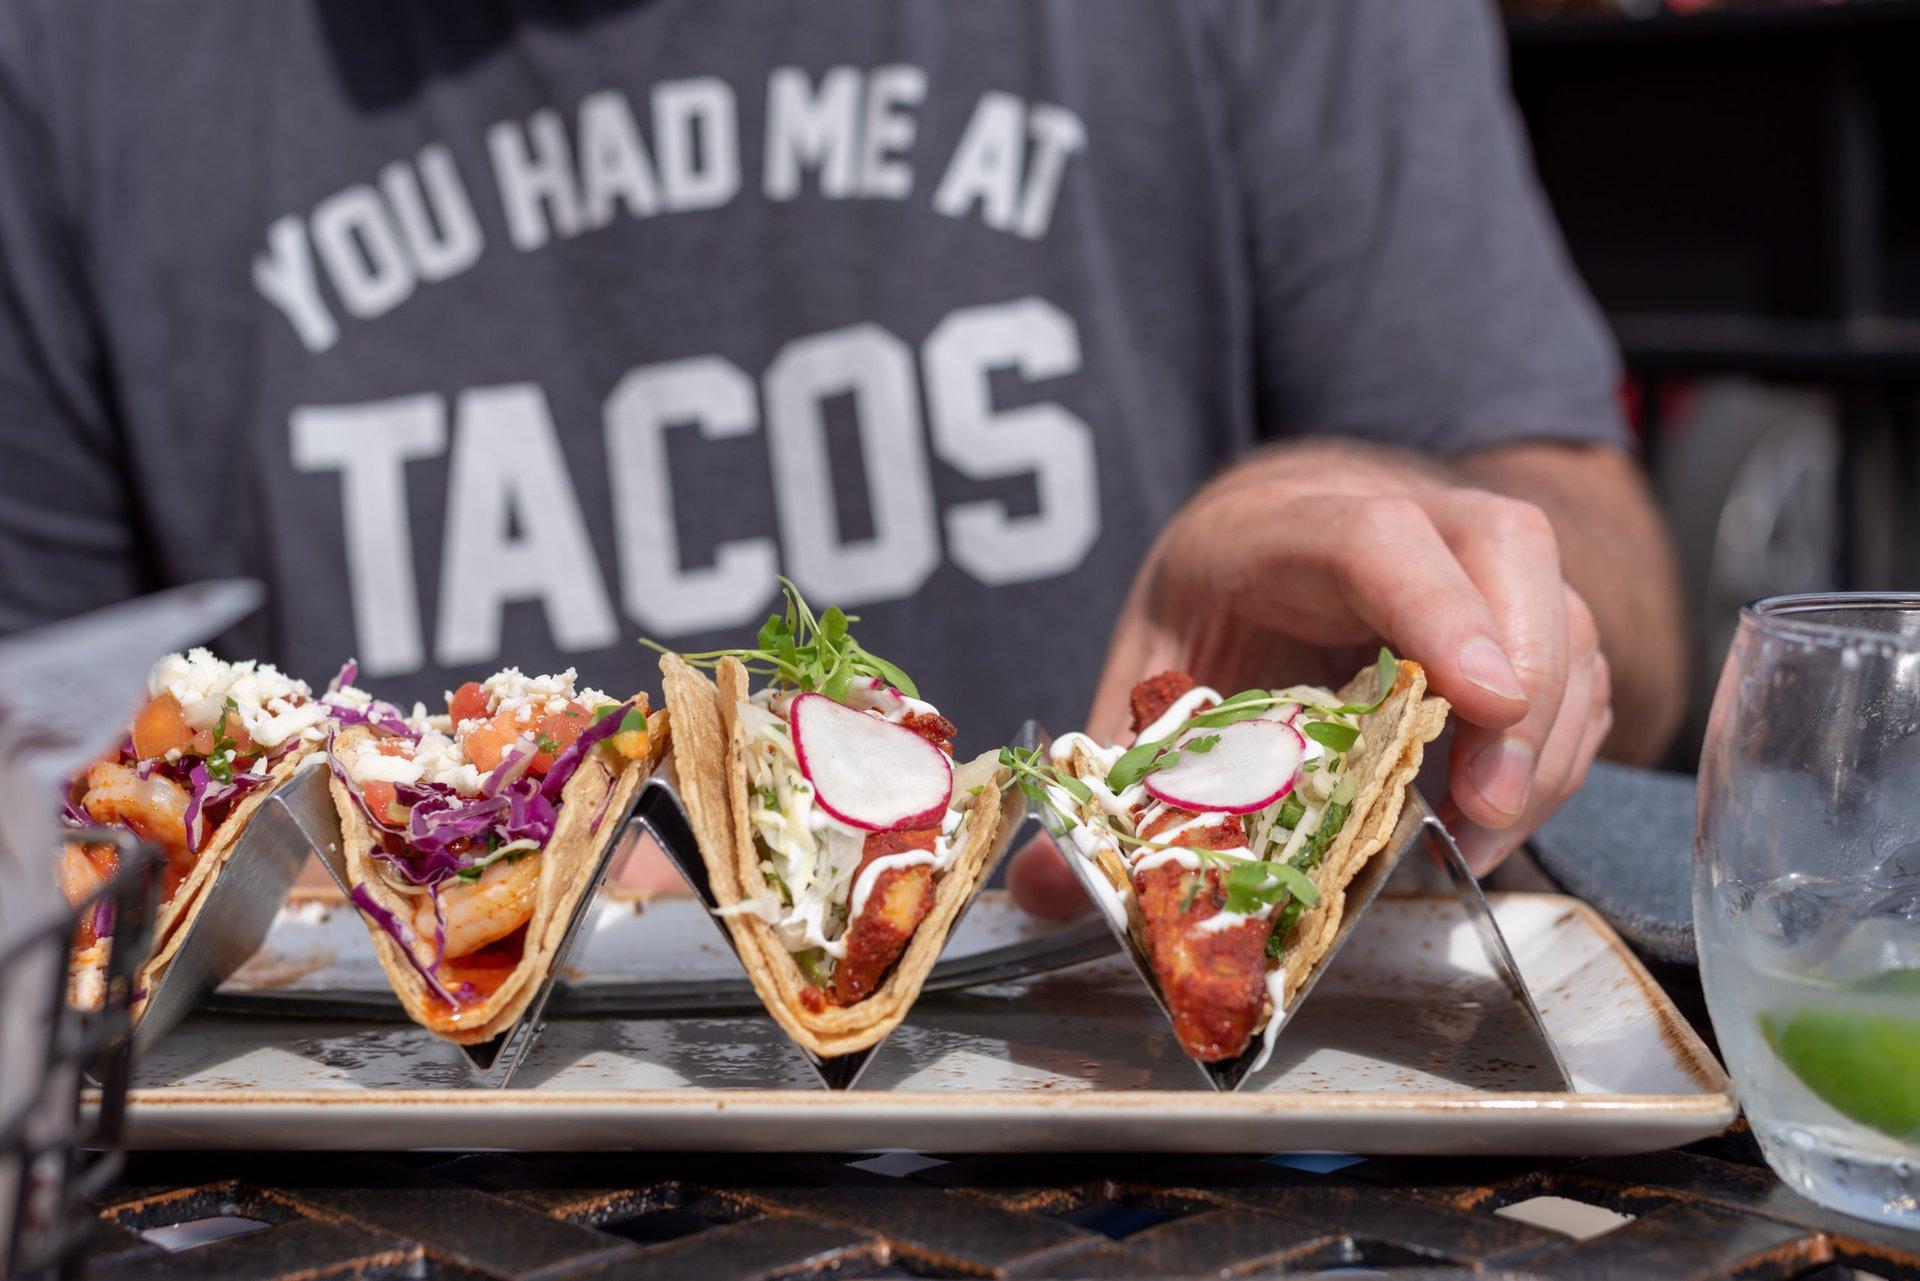 Man eating tacos at a restaurant